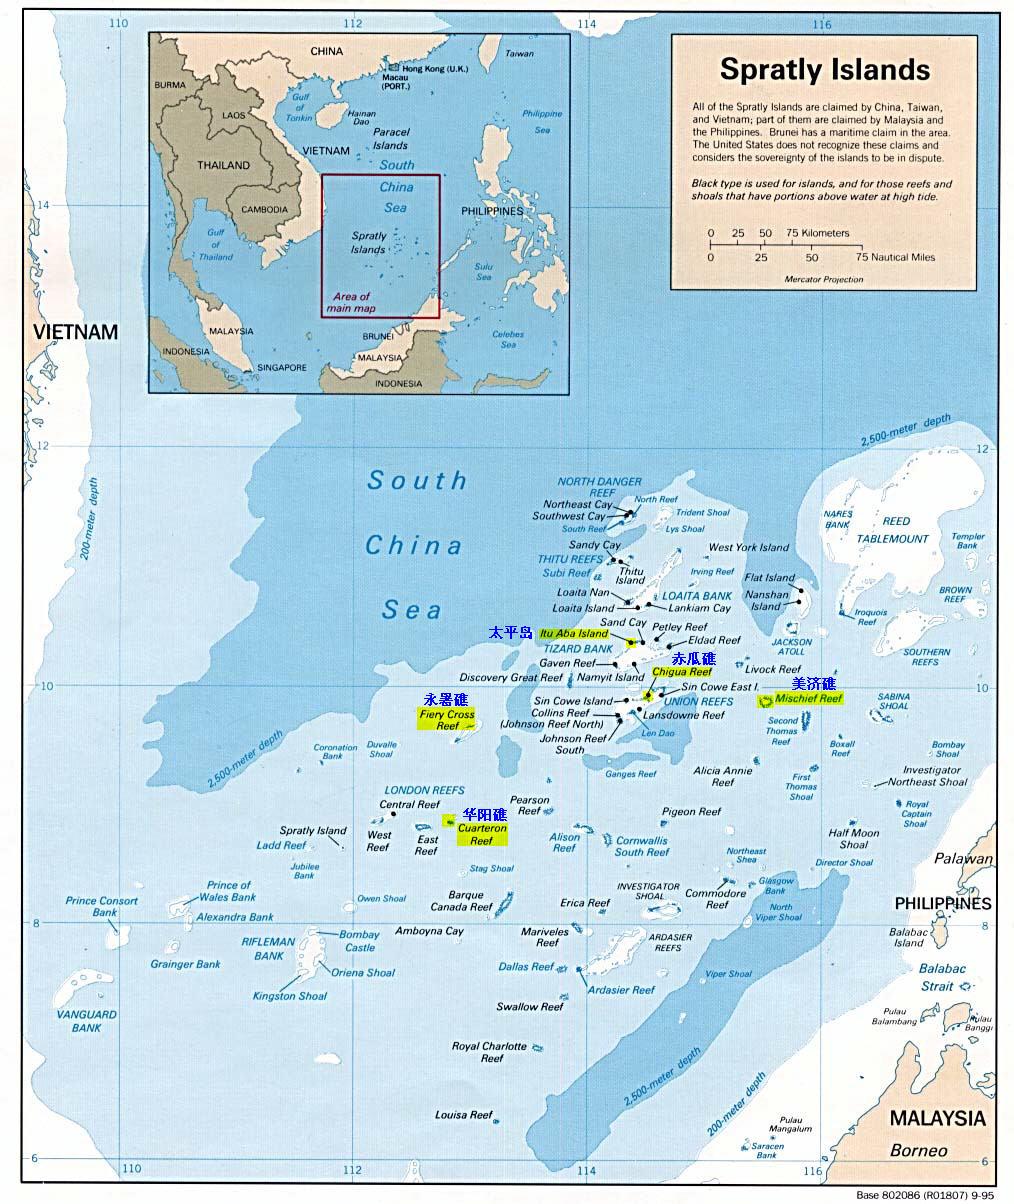 [参考地图]南沙群岛